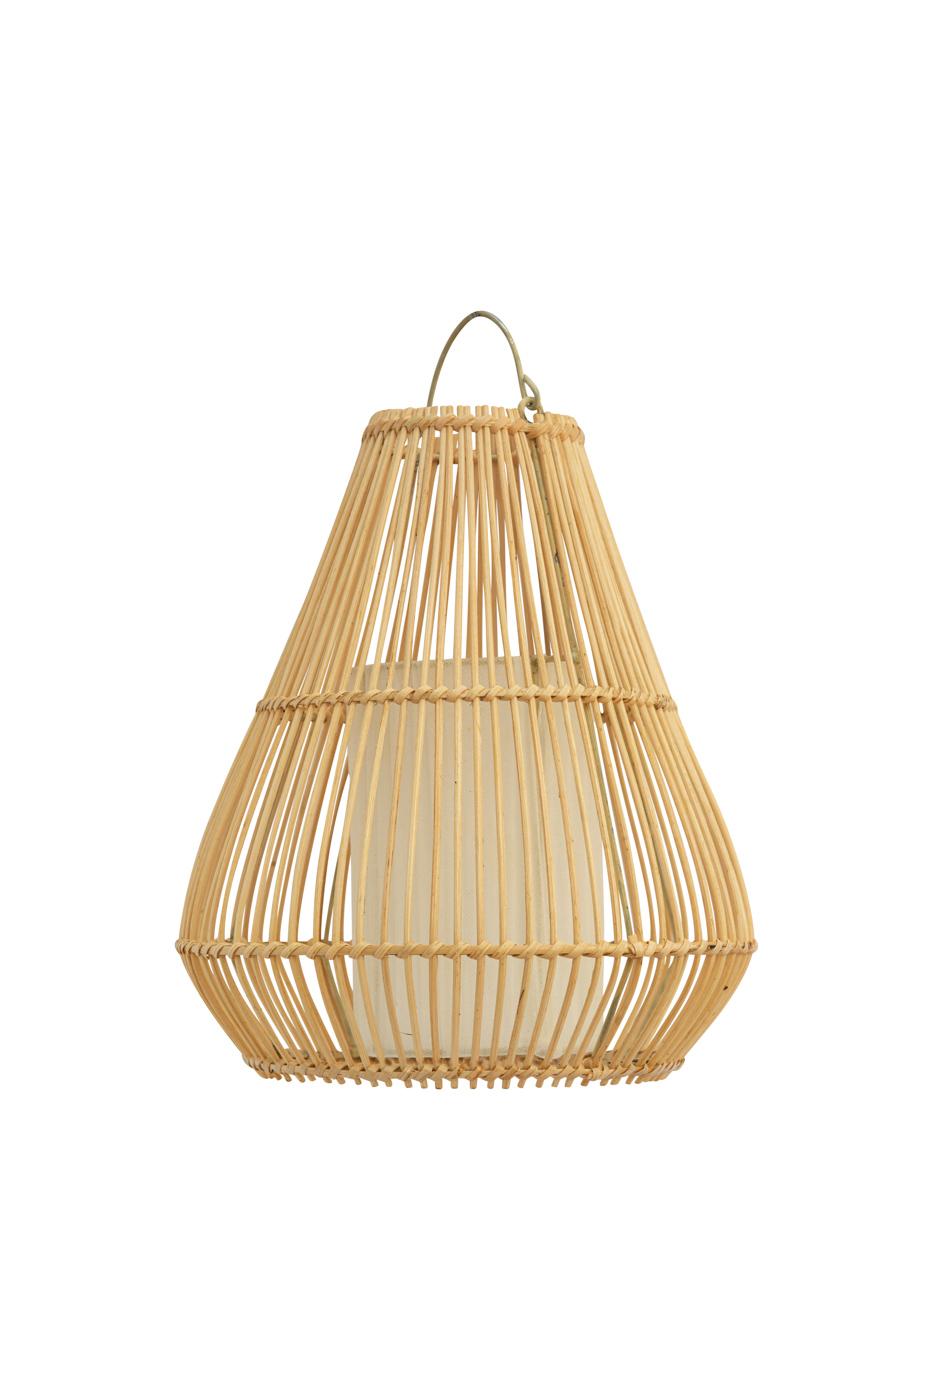 Jambu bamboo lantern